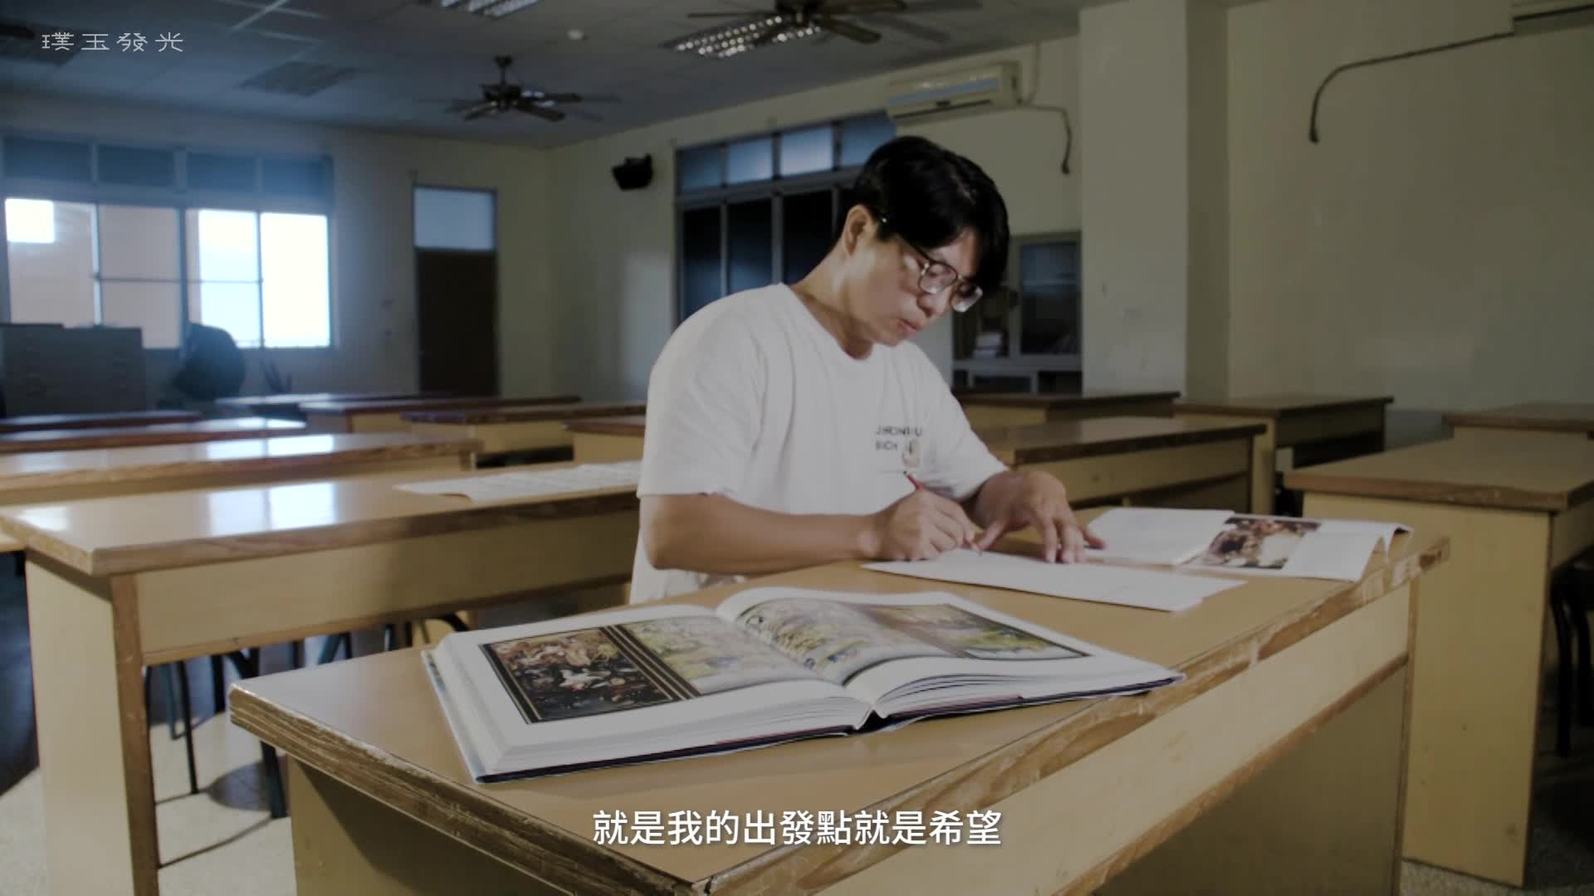 109年「璞玉發光-全國藝術行銷活動」璞玉獎 陳錦忠 (三分鐘版)